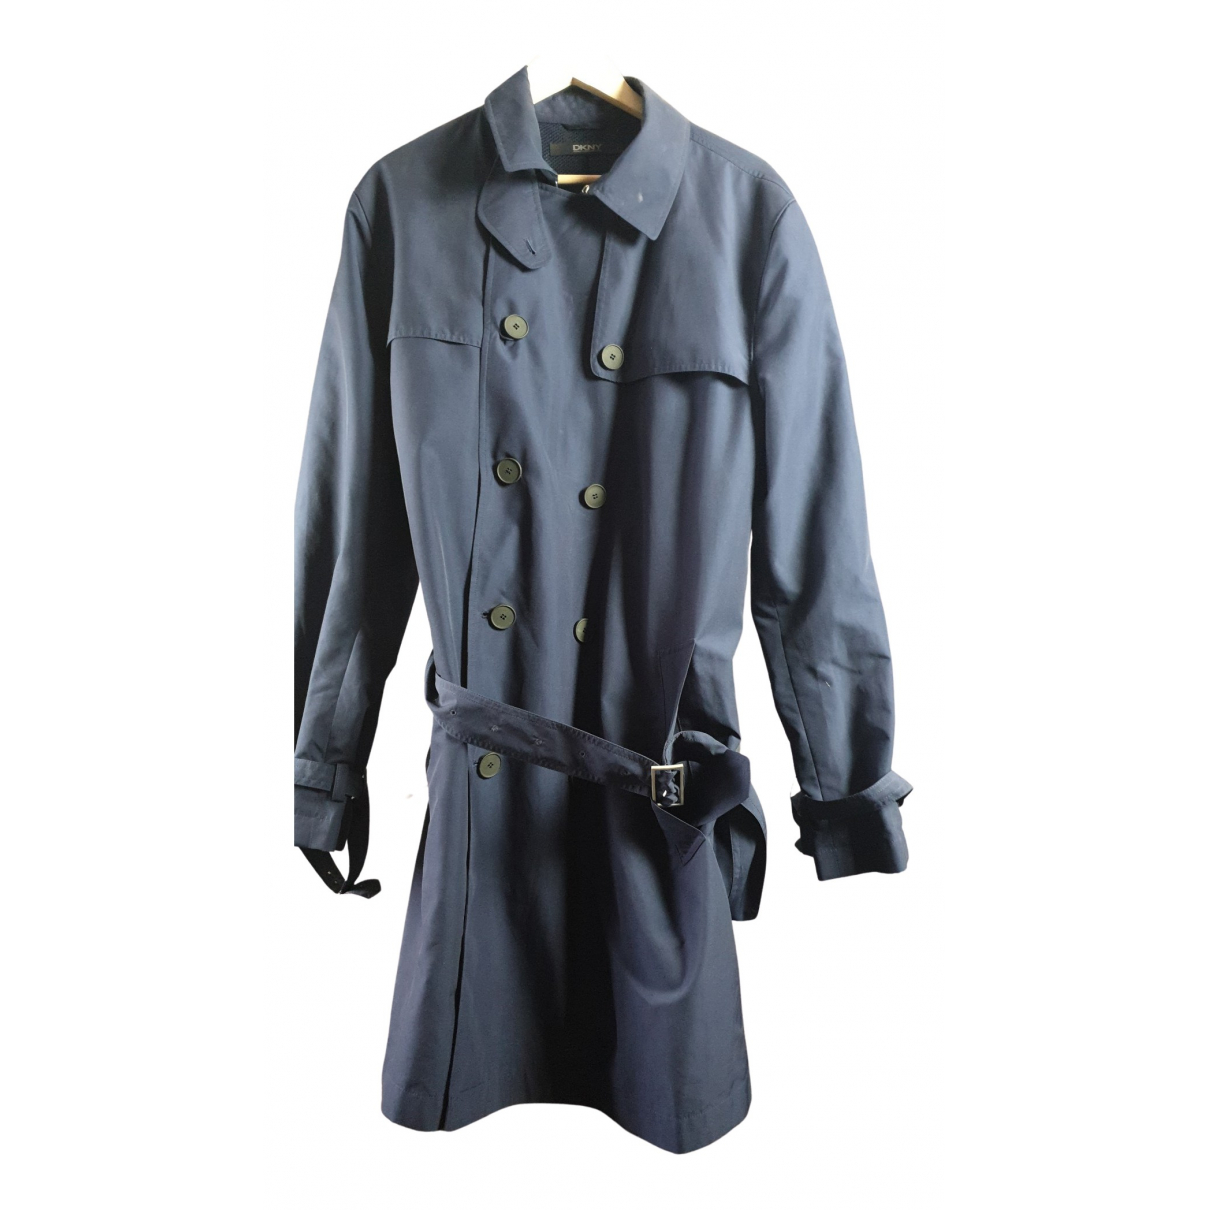 Dkny - Manteau   pour homme - bleu